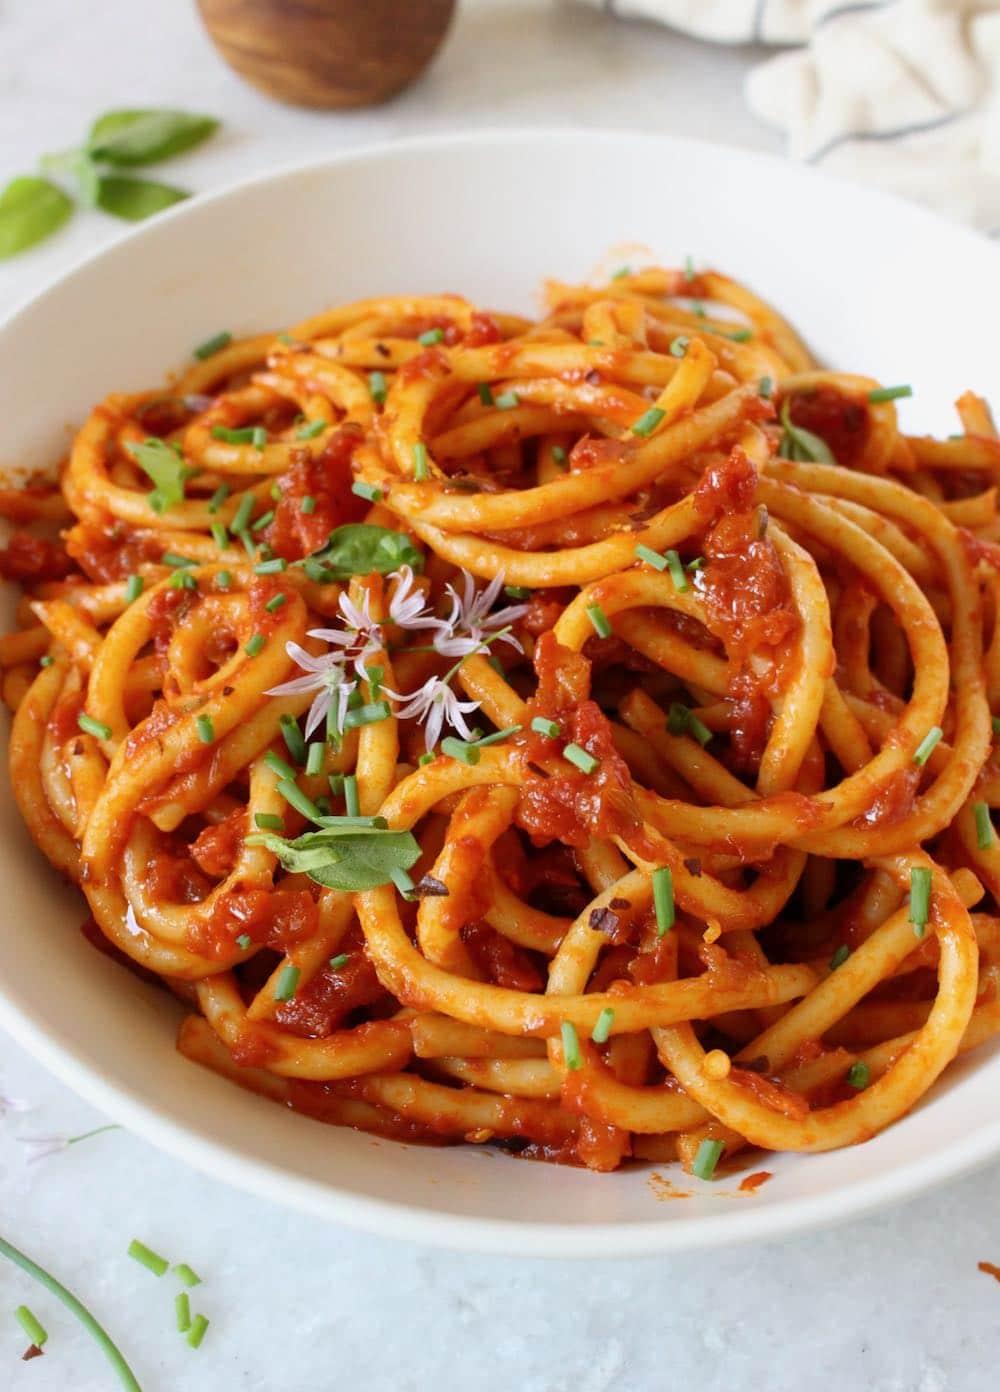 Best Vegan Pasta Sauce Recipe